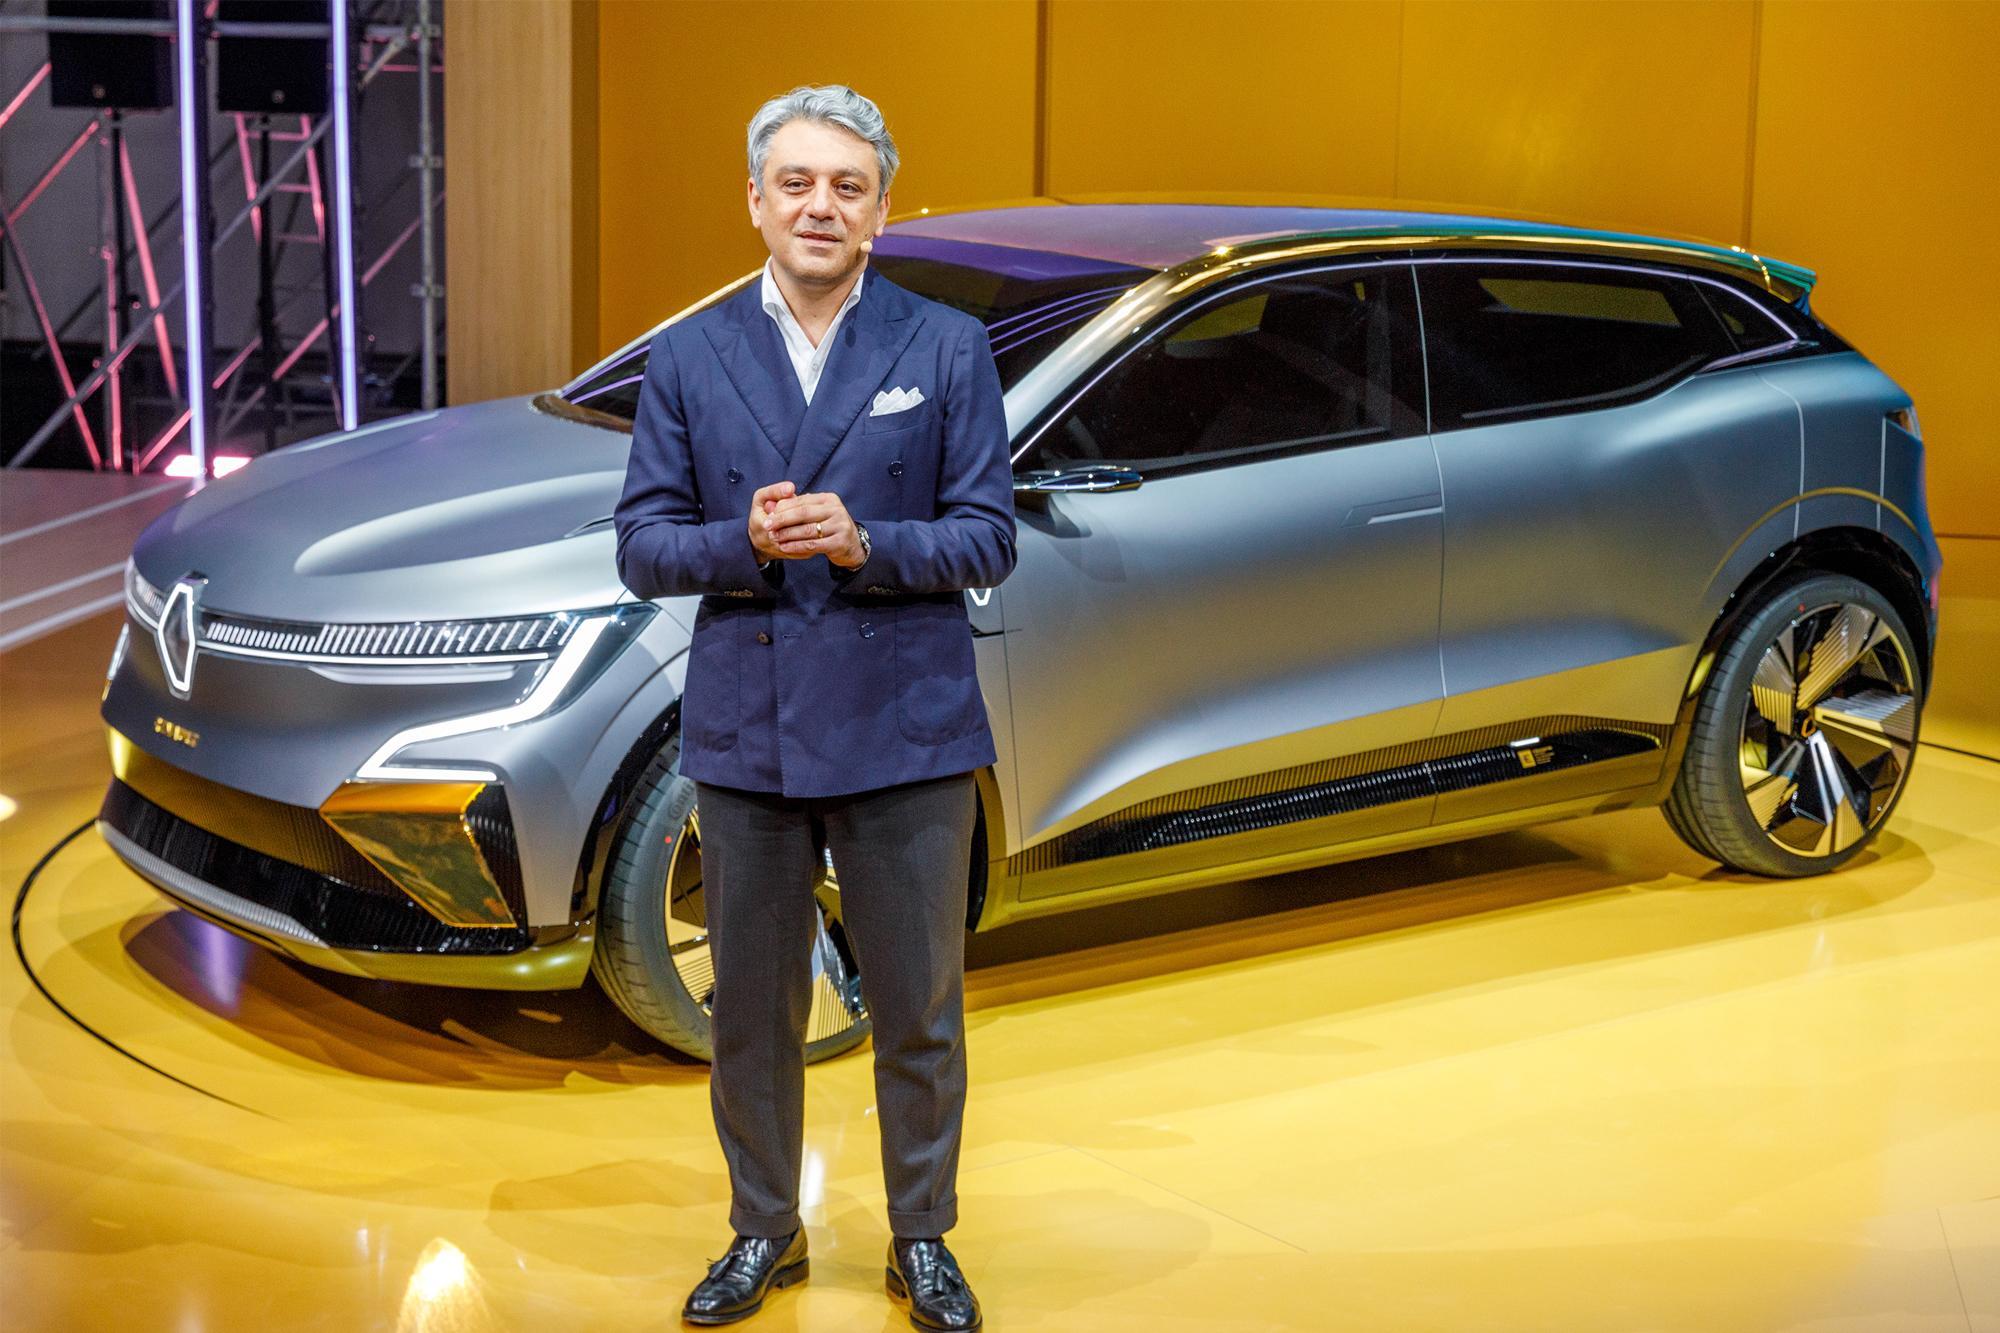 Αναβίωση κλασικών μοντέλων της Renault, ως ηλεκτρικά;